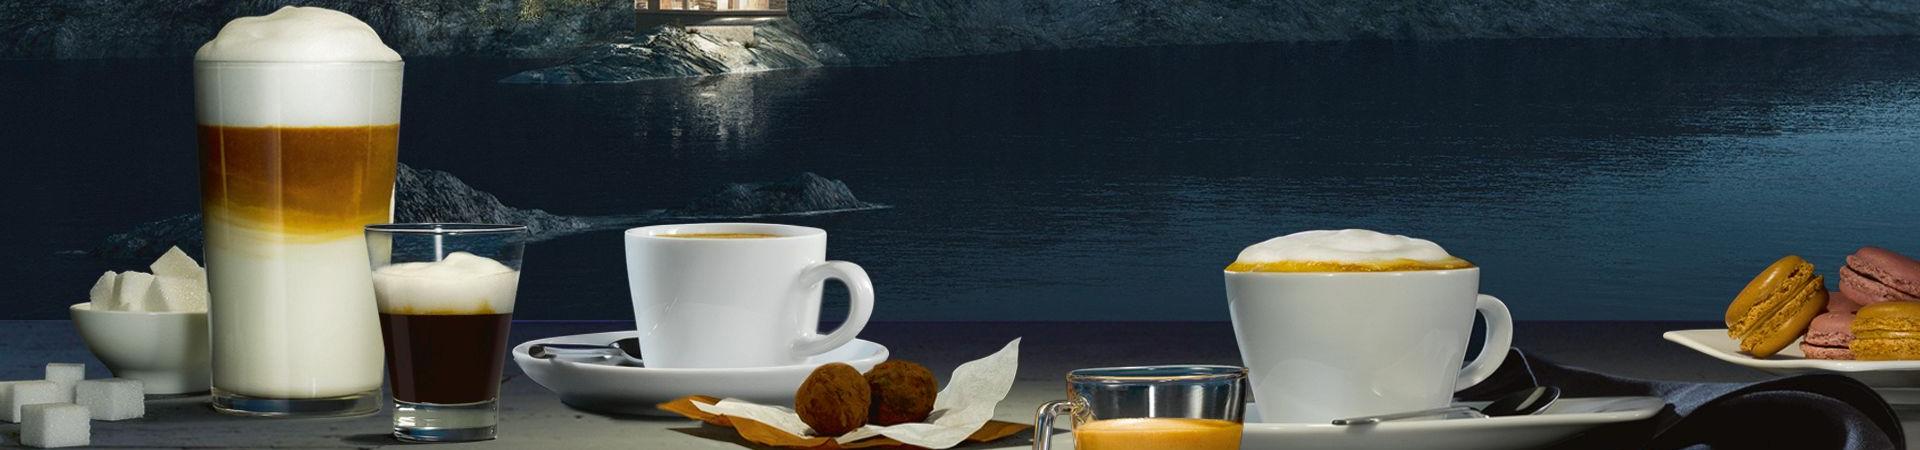 מכונת קפה אוטומטית SIEMENS דגם CT636LEW1